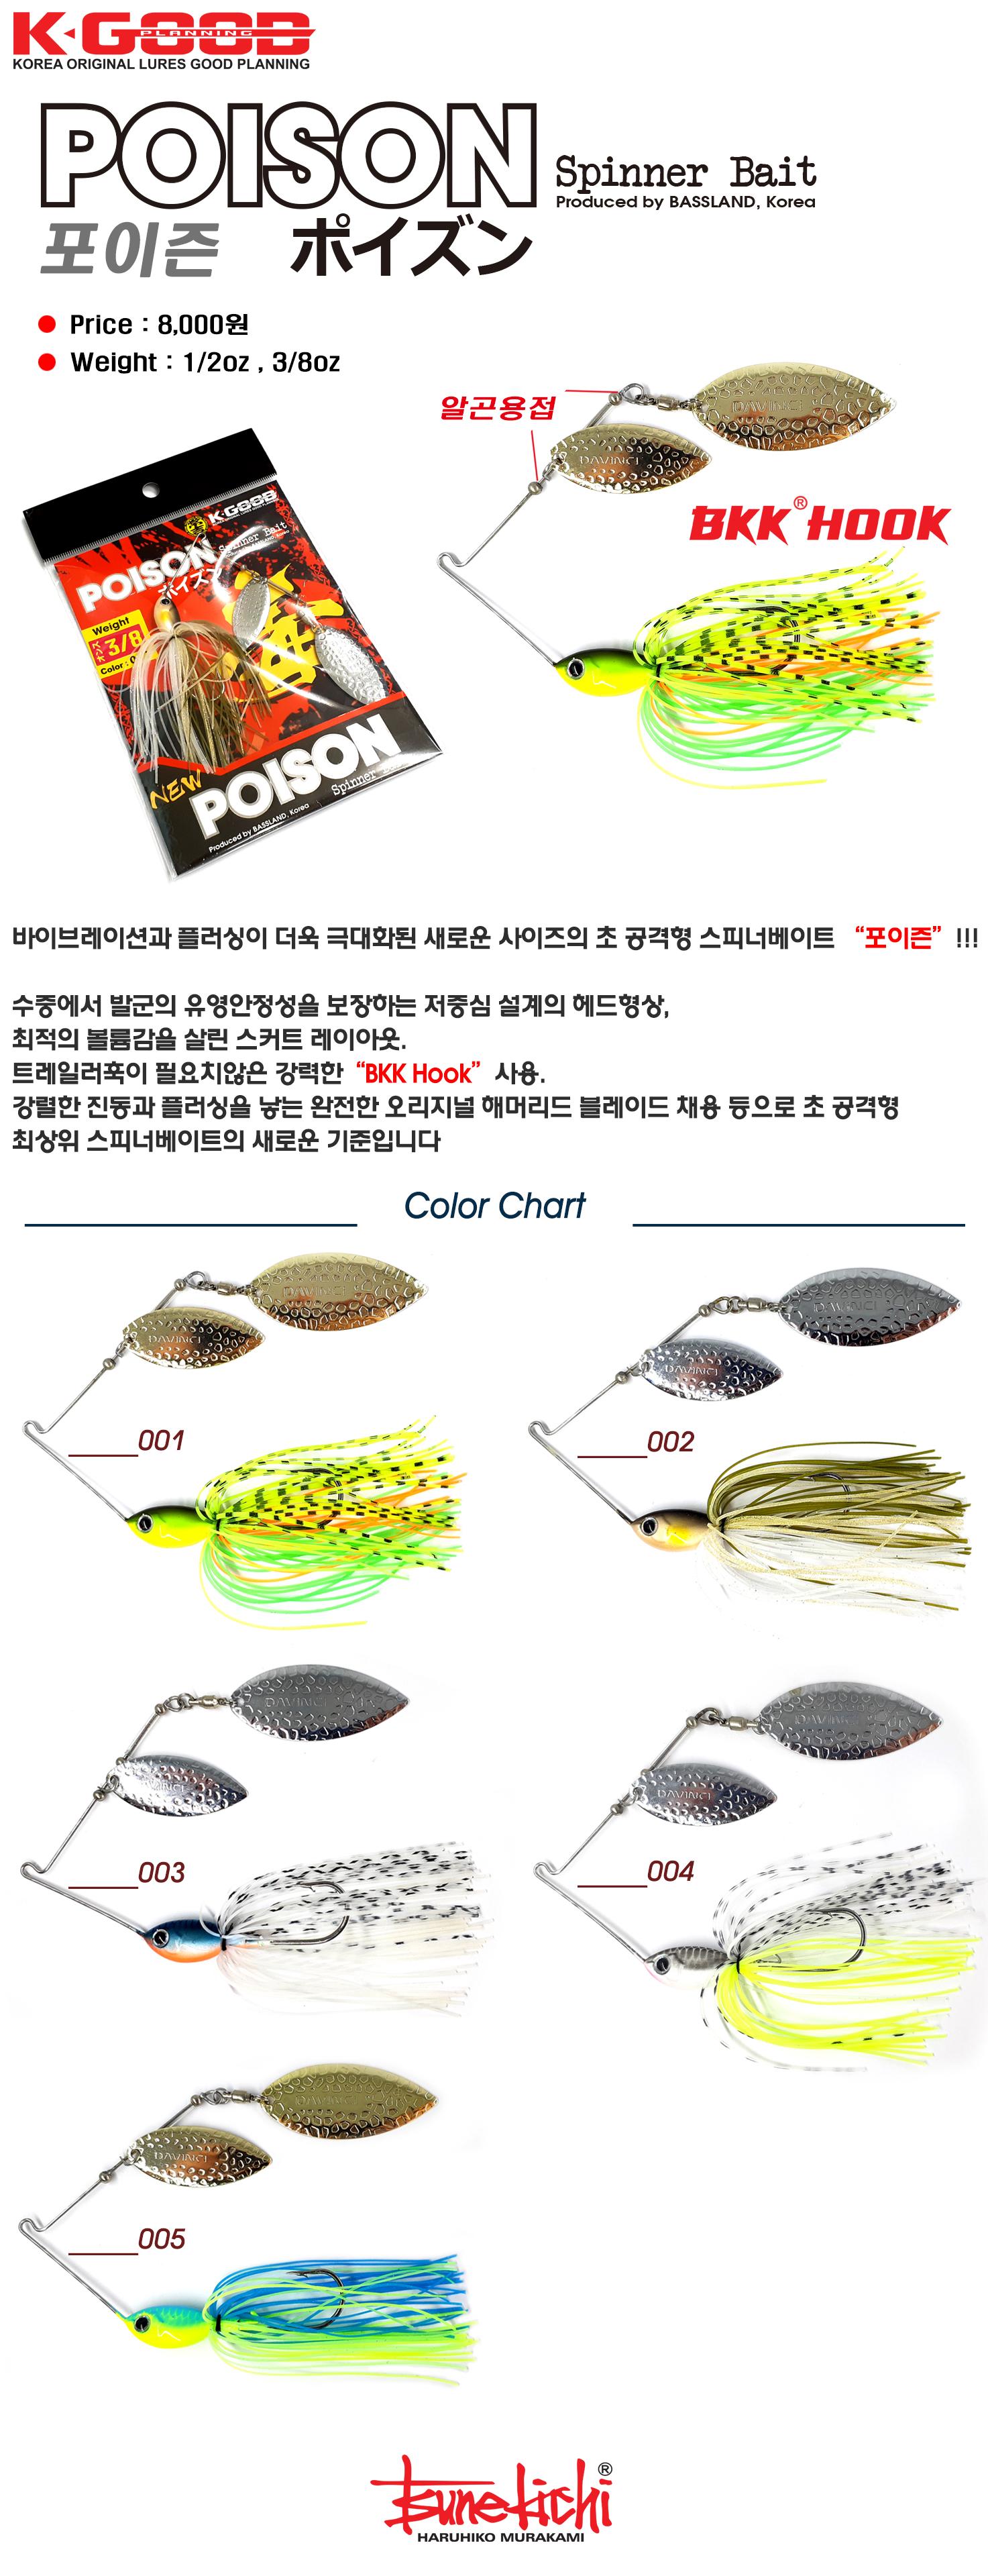 f70e7a63ccc7a843ccf7a10f502a3af8_1526959886_7097.jpg